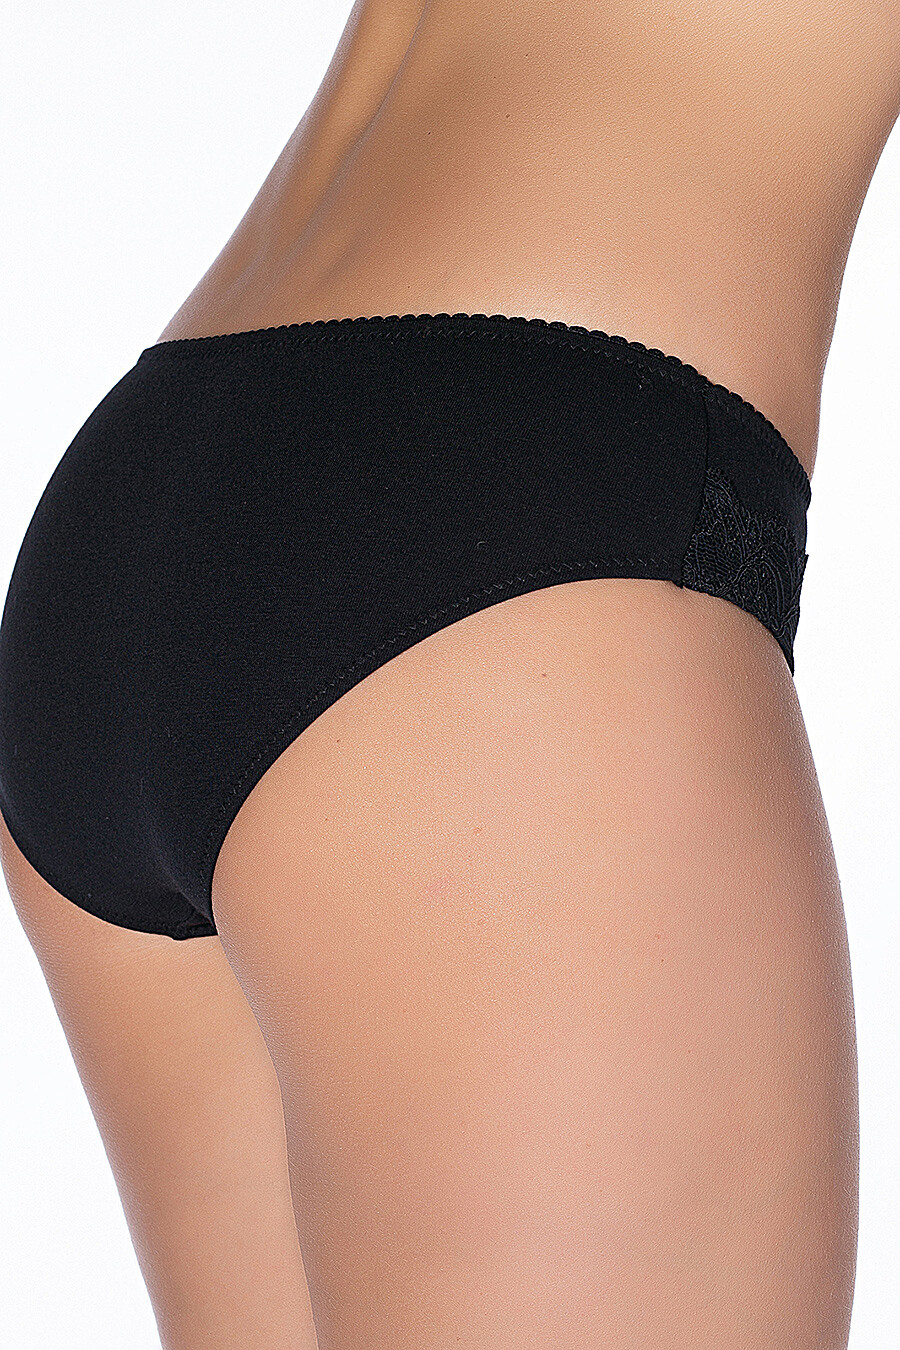 Трусы для женщин JADEA 162681 купить оптом от производителя. Совместная покупка женской одежды в OptMoyo